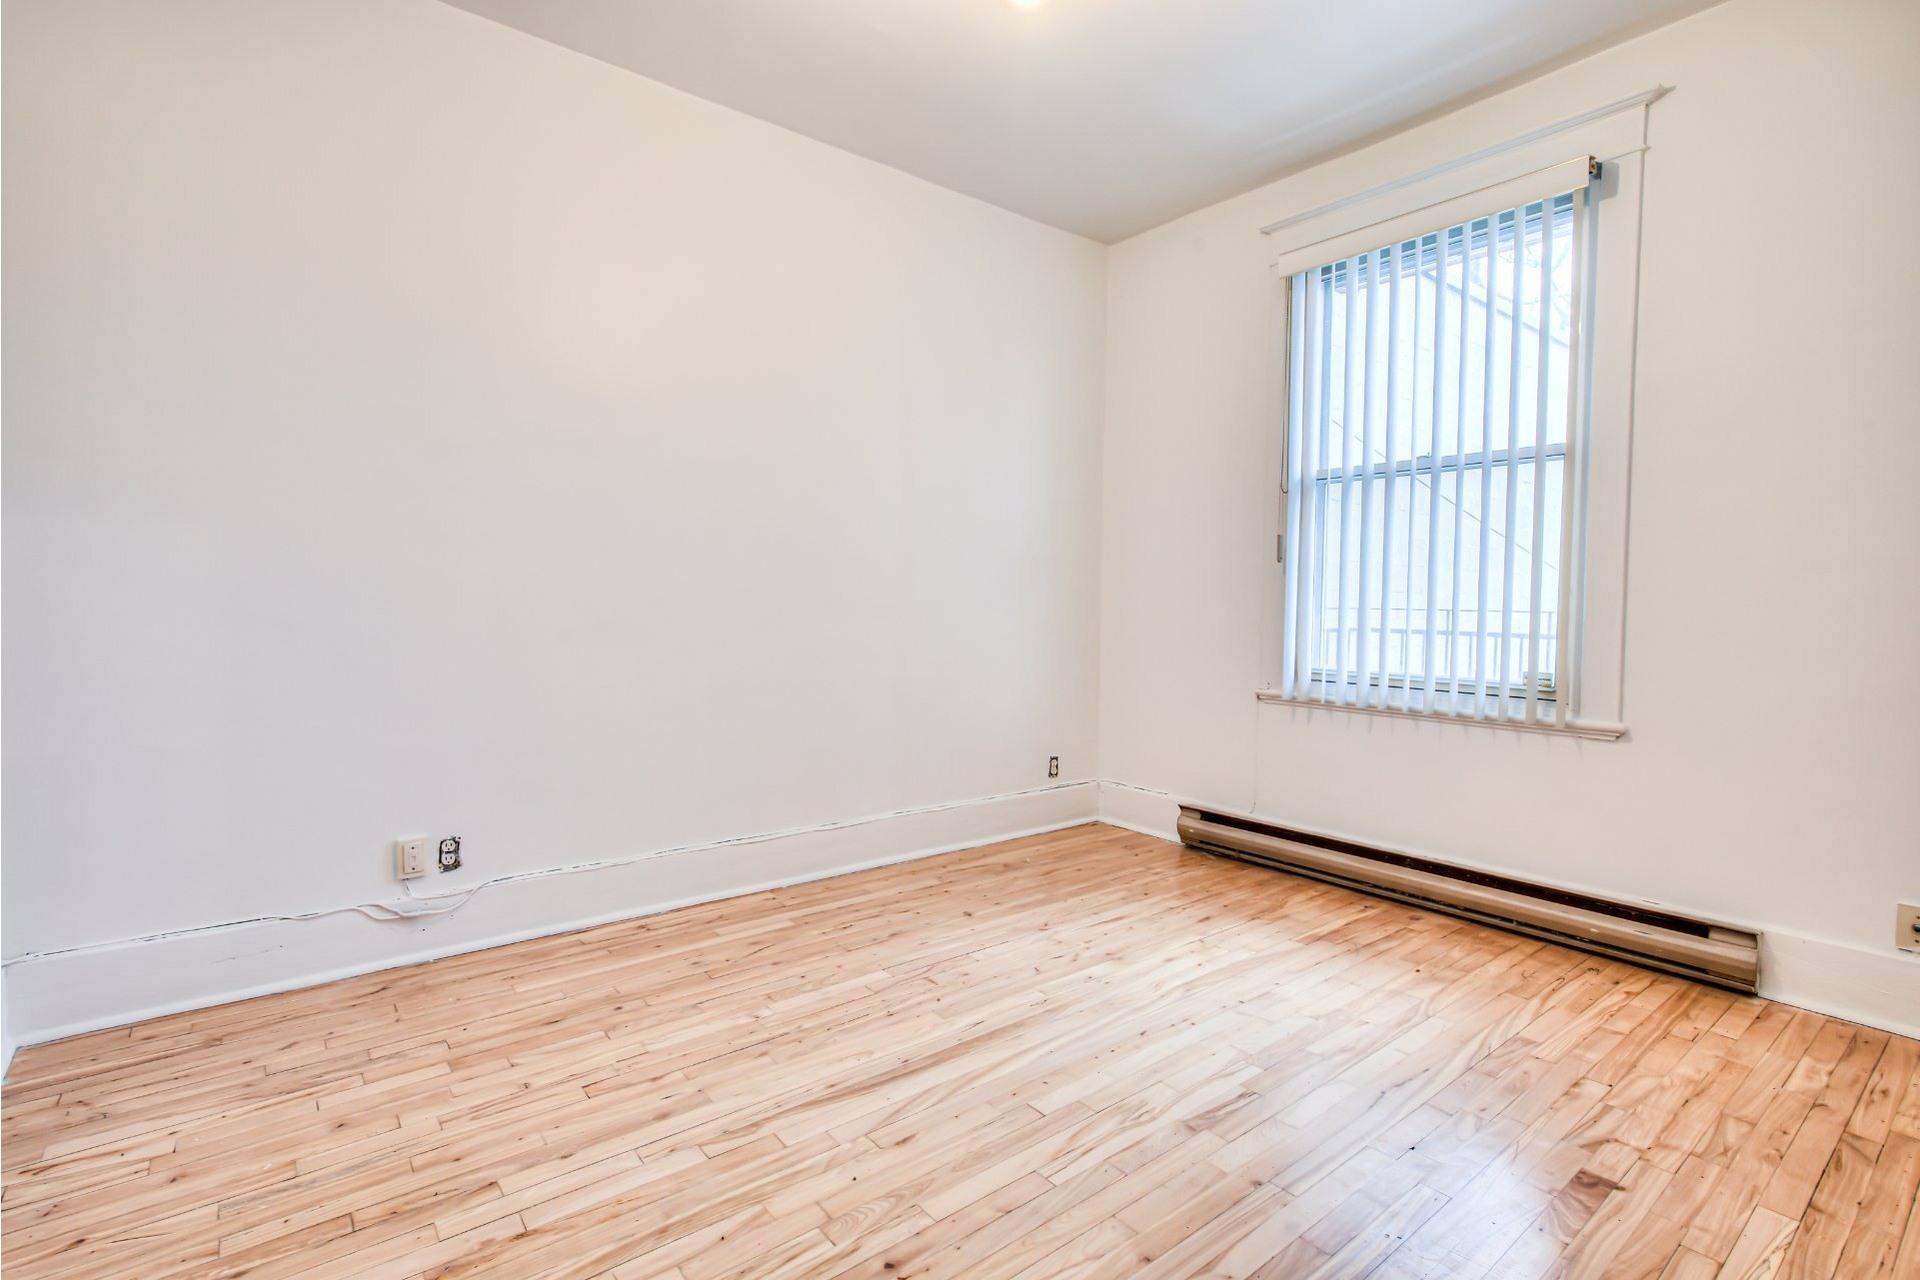 image 28 - Triplex For sale Le Sud-Ouest Montréal  - 4 rooms